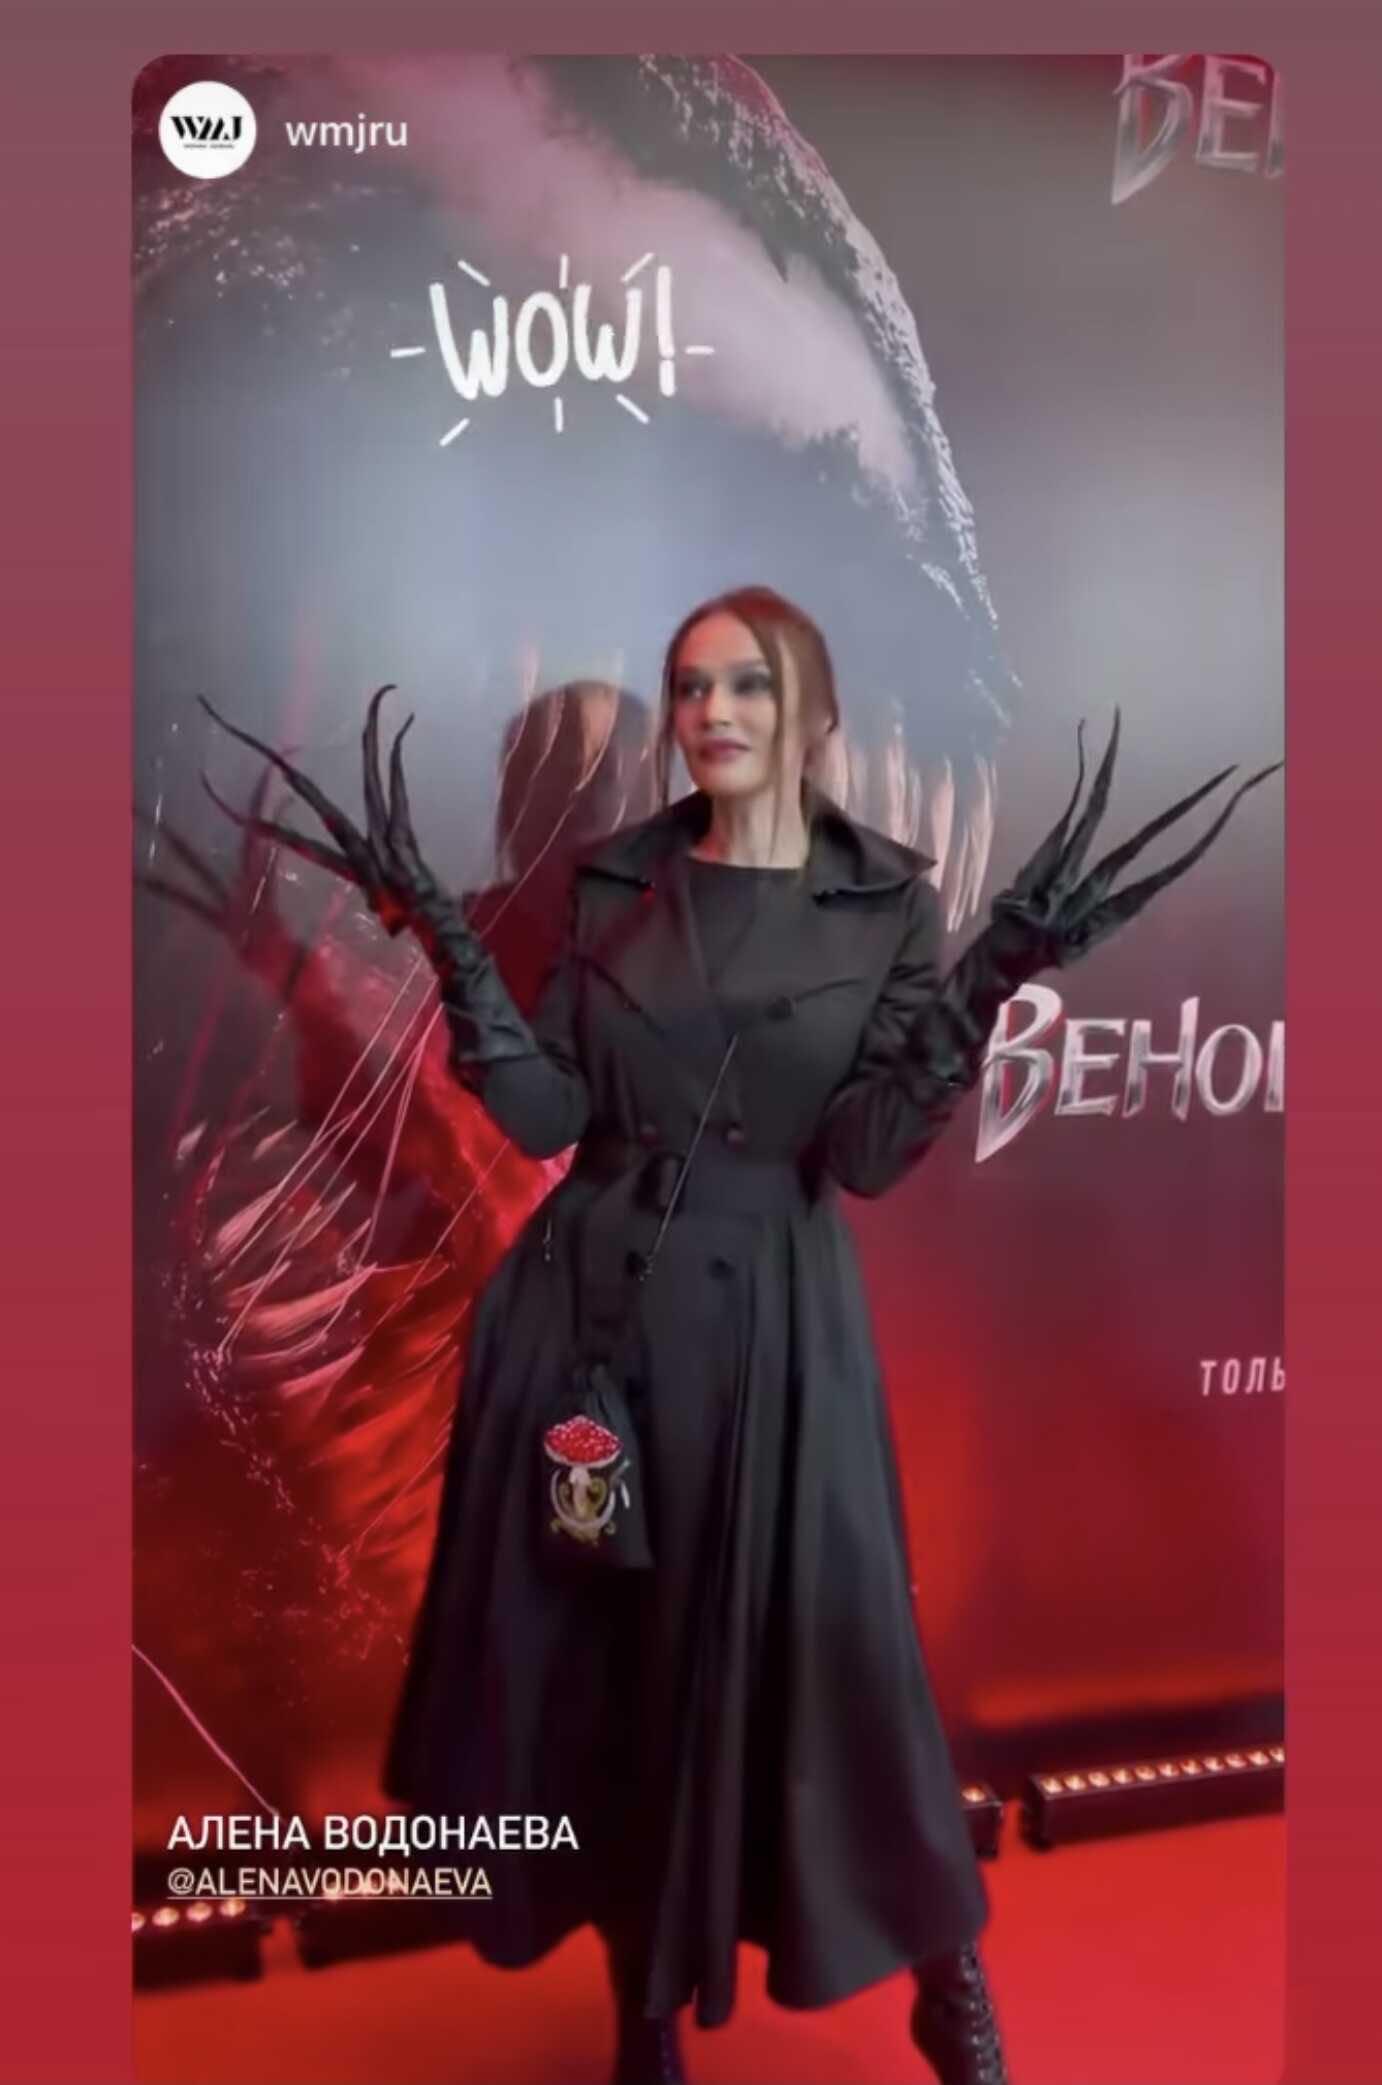 Алена Водонаева пришла на премьеру в перчатках а-ля Фредди Крюгер и посетовала, какой это тяжёлый труд - ходить по мероприятиям